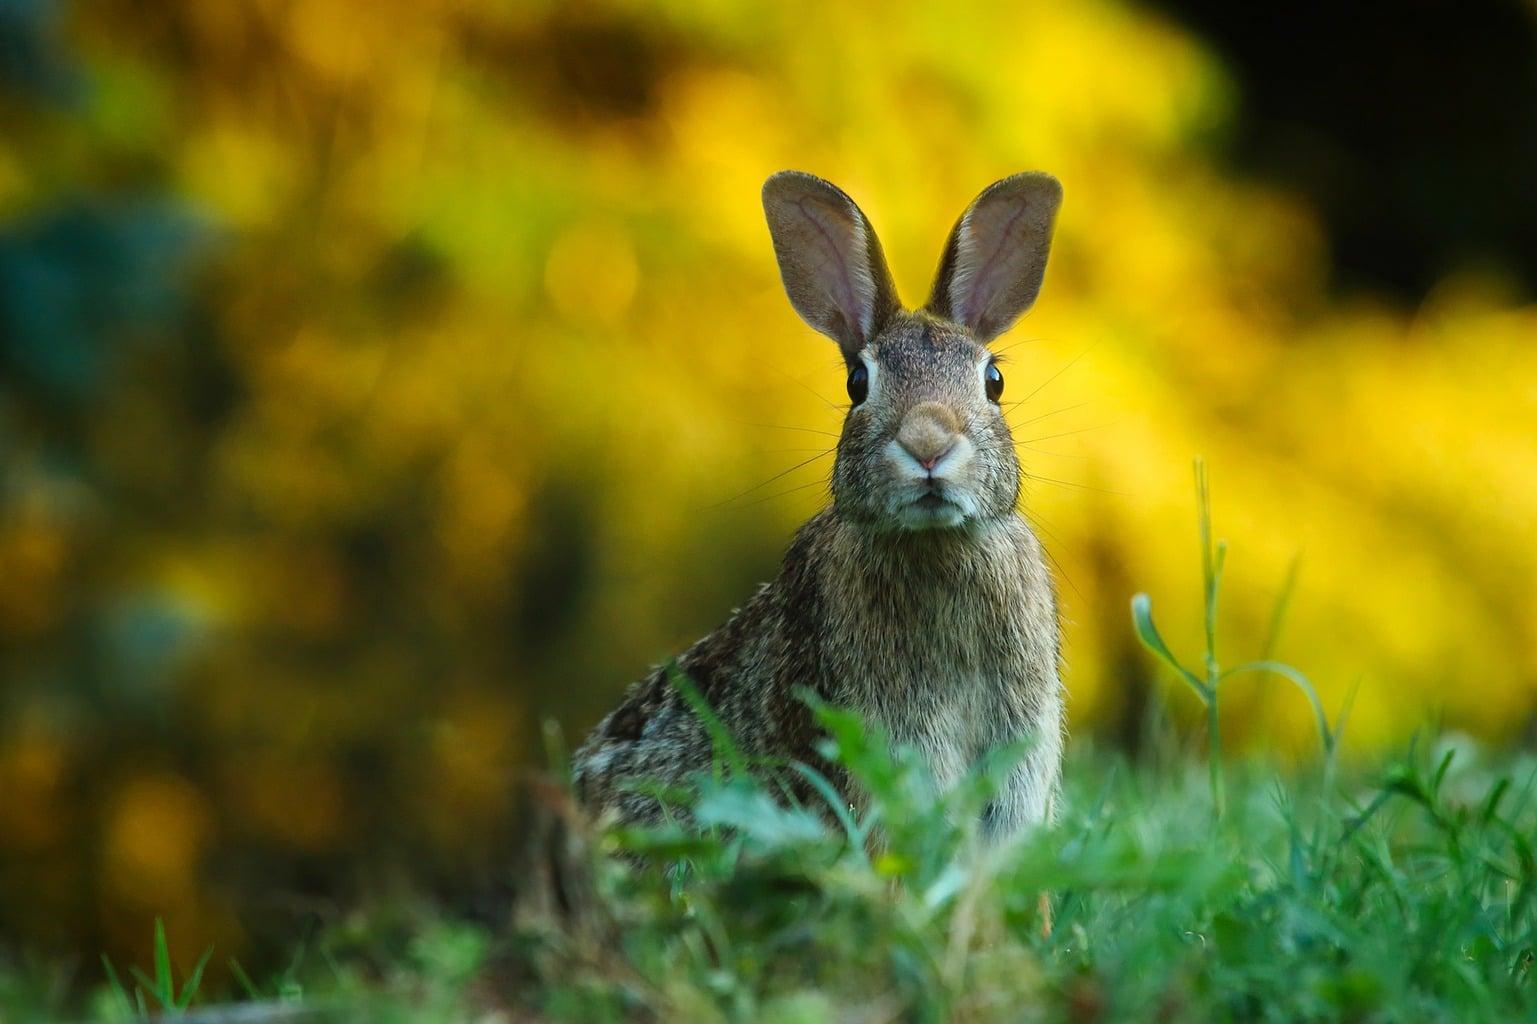 fotografía de un conejo tomada con un teleobjetivo